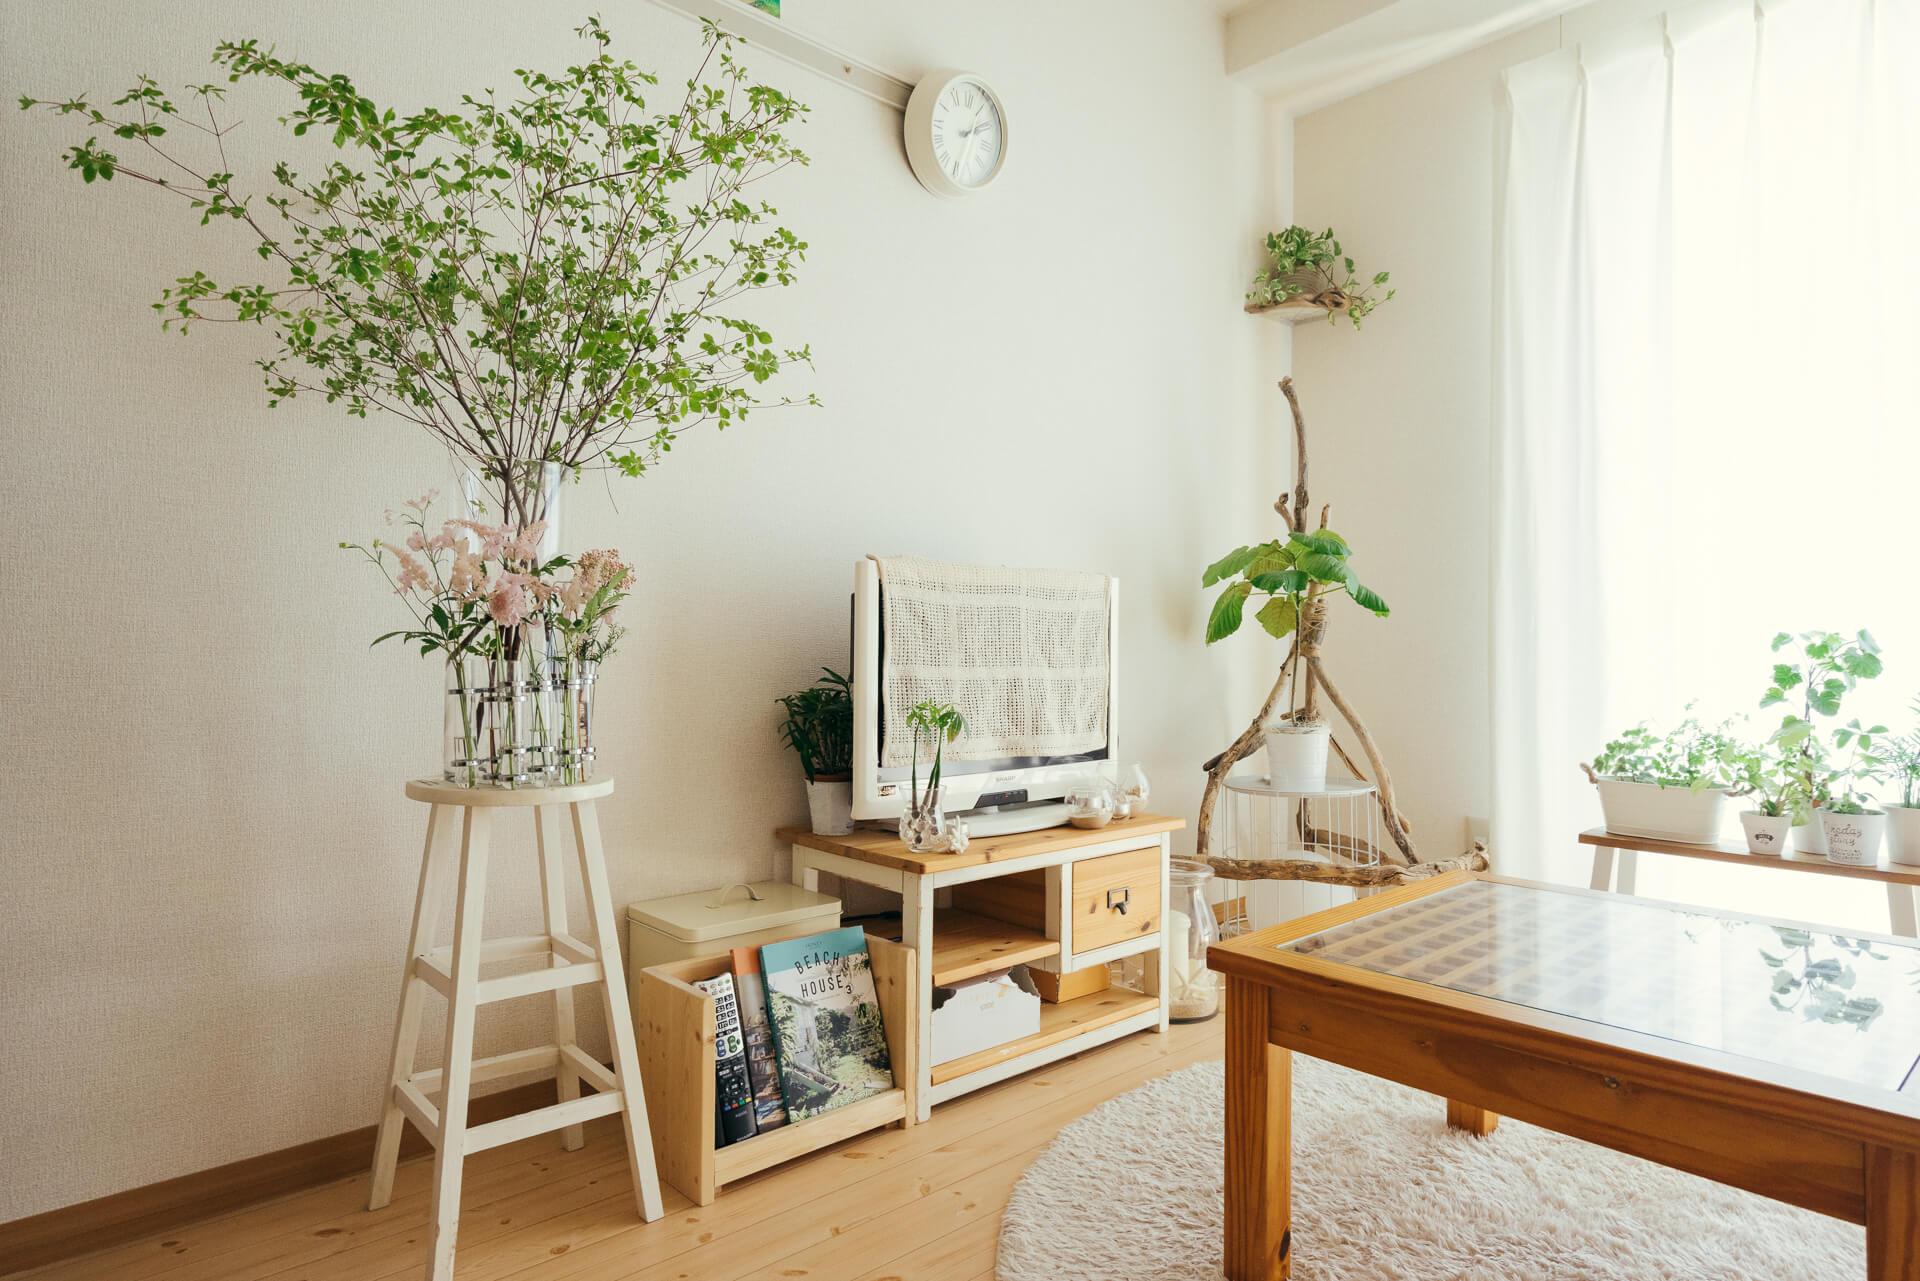 ワンルームでグリーン&マリンスタイルを楽しむ sakiyuka さんの部屋